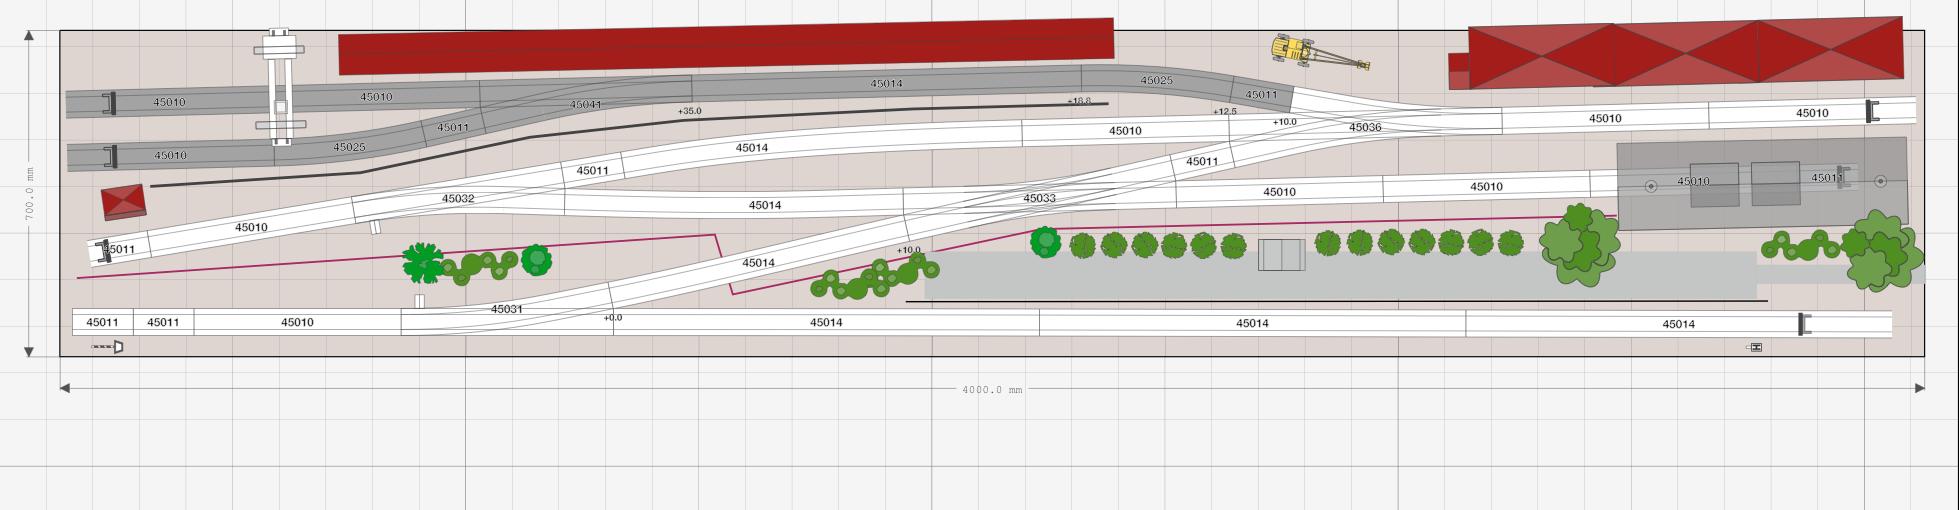 Test-RailModeller-1.png